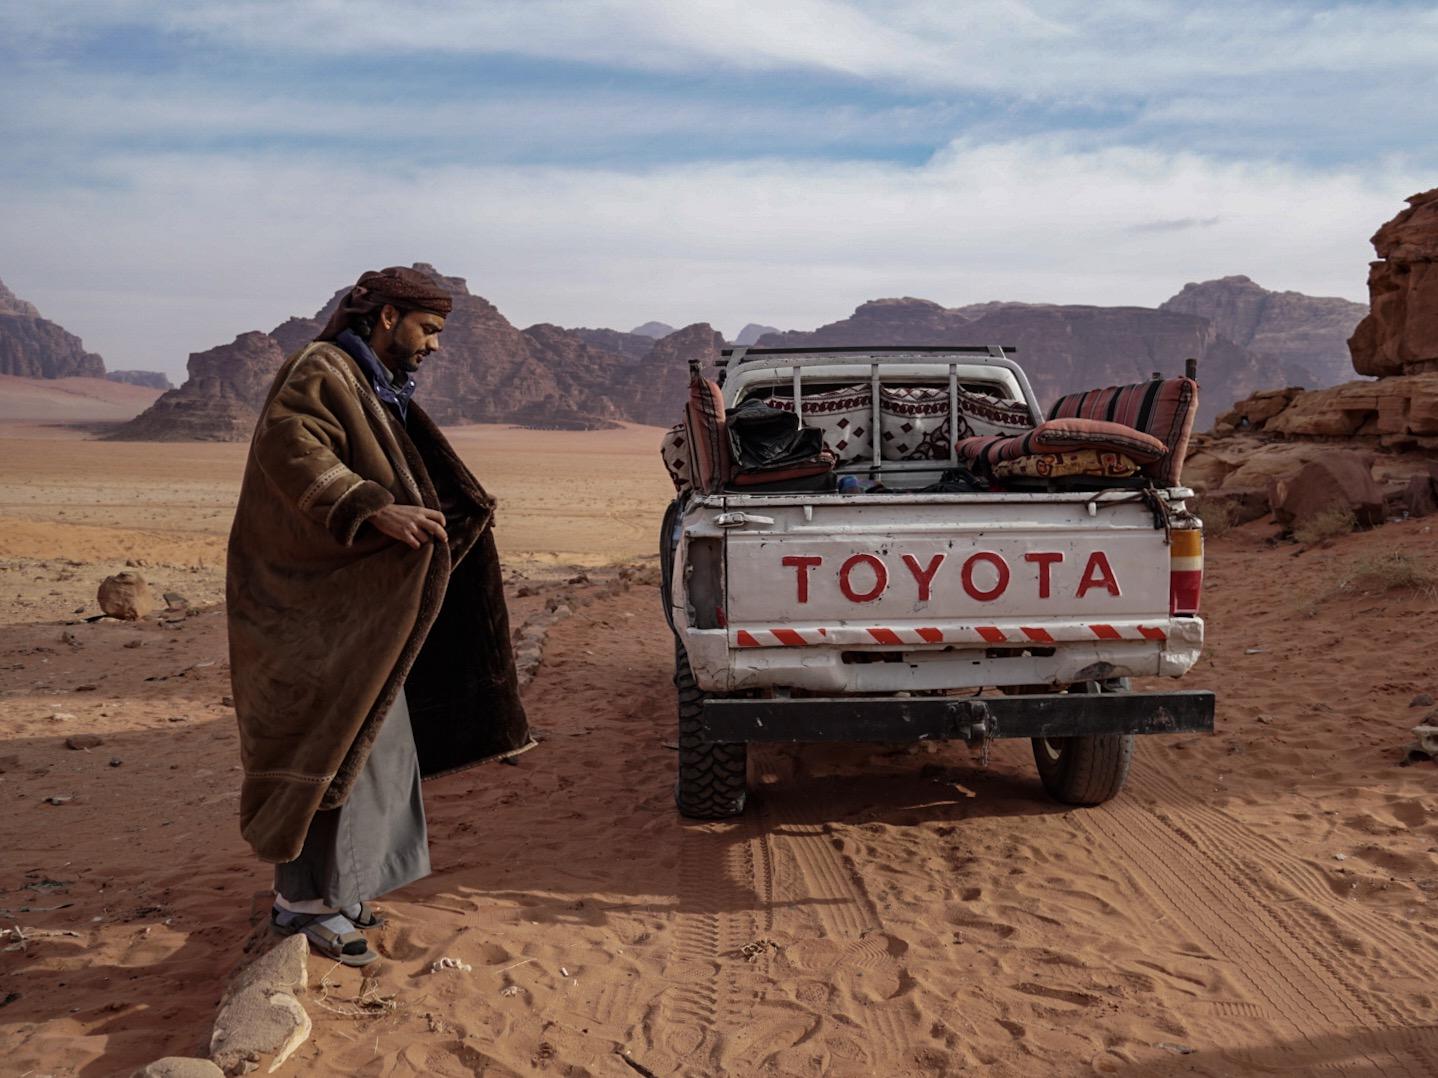 Nocleg w namiocie Beduińskim, jazda na dachu Jeepa to tylko namiastka tego, co możecie otrzymać na wycieczce po Pustyni Wadi Rum. Jest to największa dolina w Jordanii pełna granitów i piaskowców.